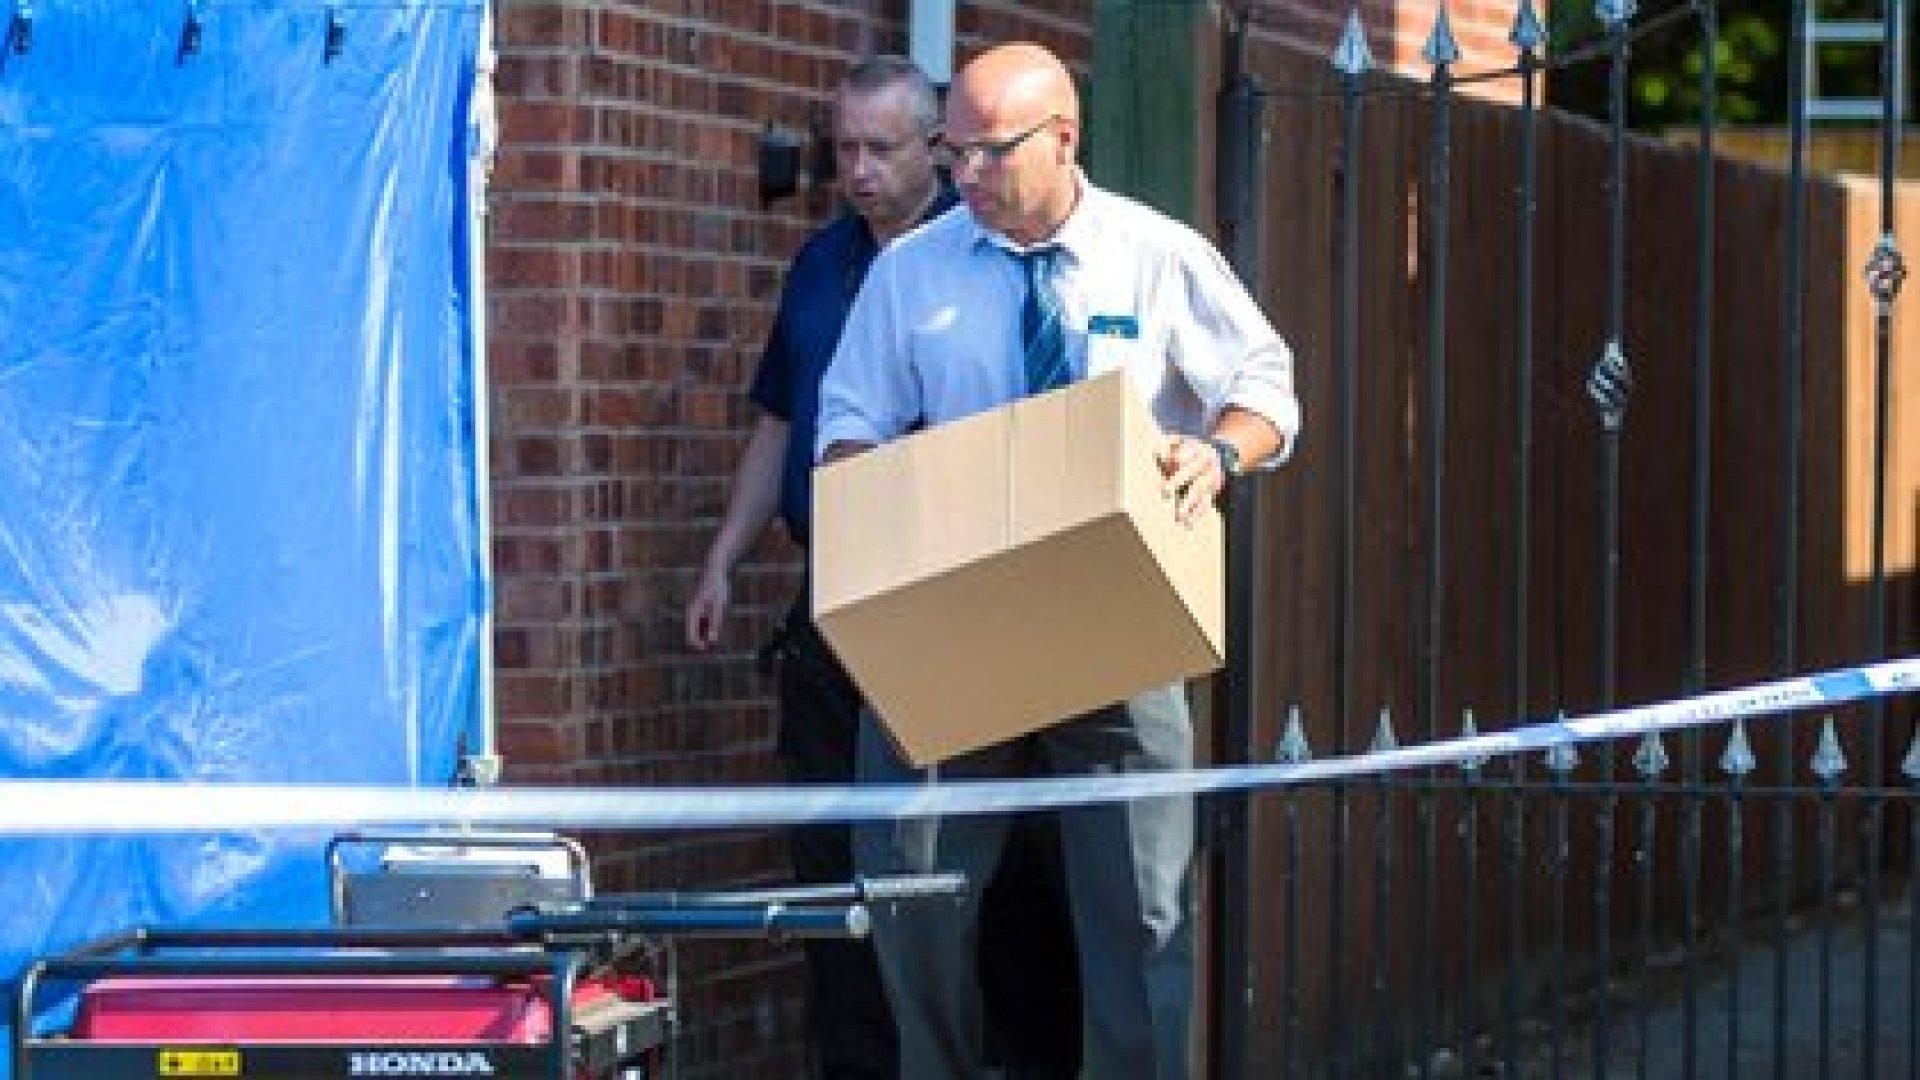 La policía registraba una casa en Westbourne Road en Chester, propiedad de Lucy Letby, una enfermera neonatal arrestada bajo sospecha de asesinar a ocho bebés e intentar matar a nueve más (Shutterstock)